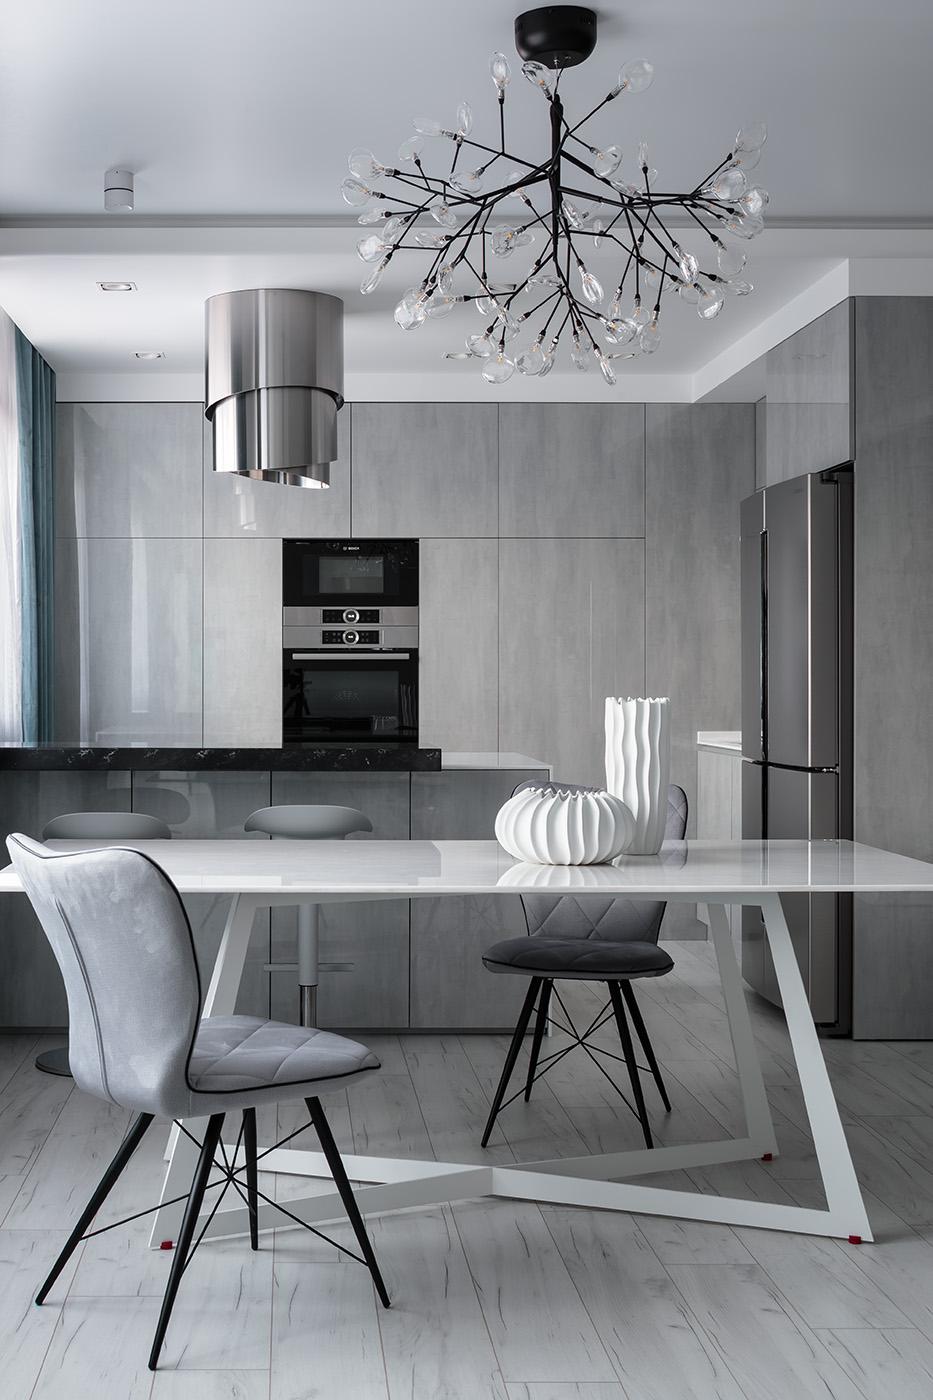 Дизайн интерьера кухонной зоны с дизайнерской мебелью